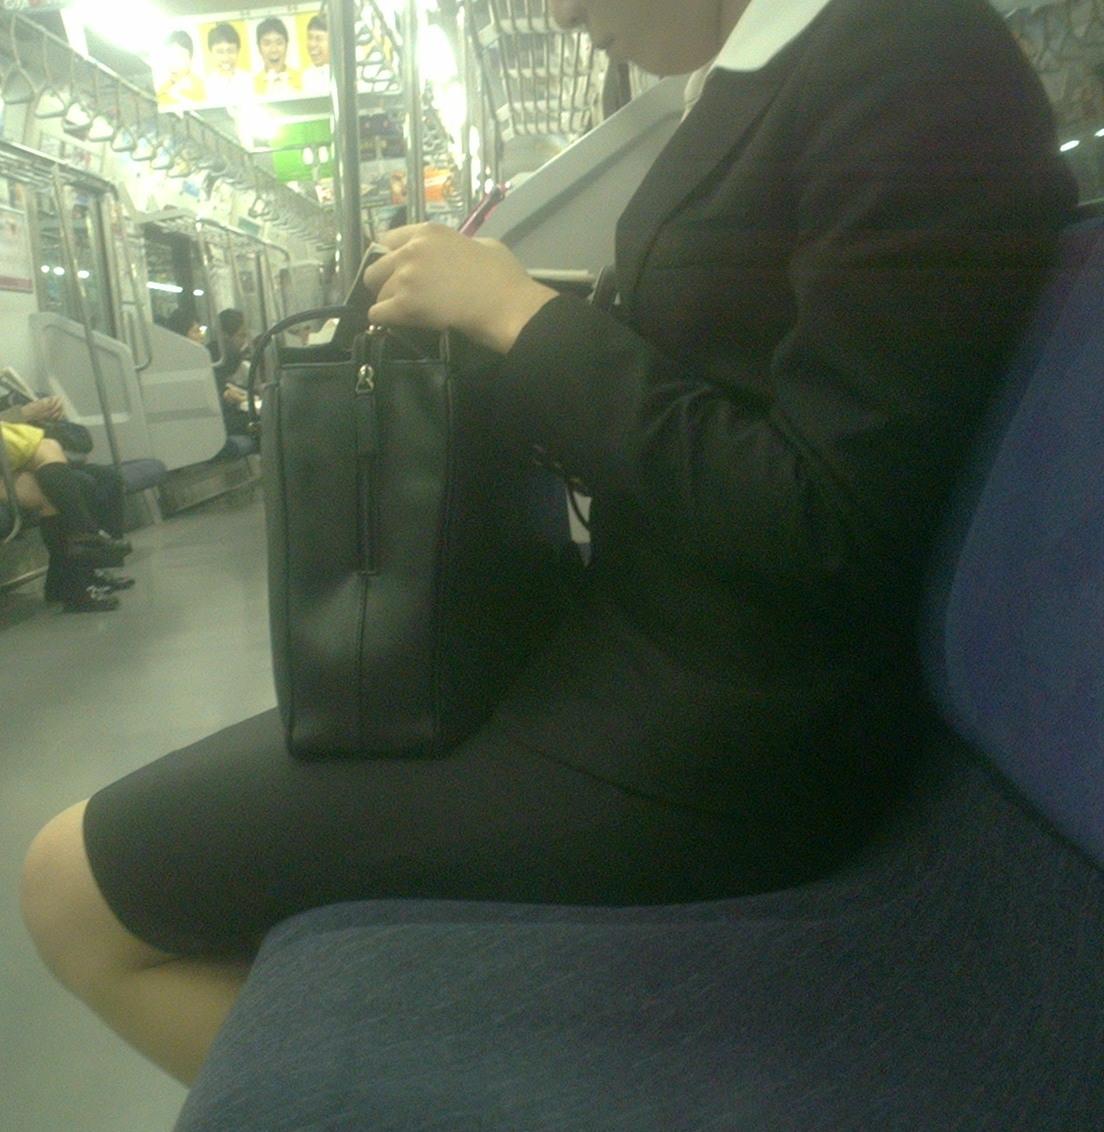 横に座ってるOLさんを小型カメラで盗撮!